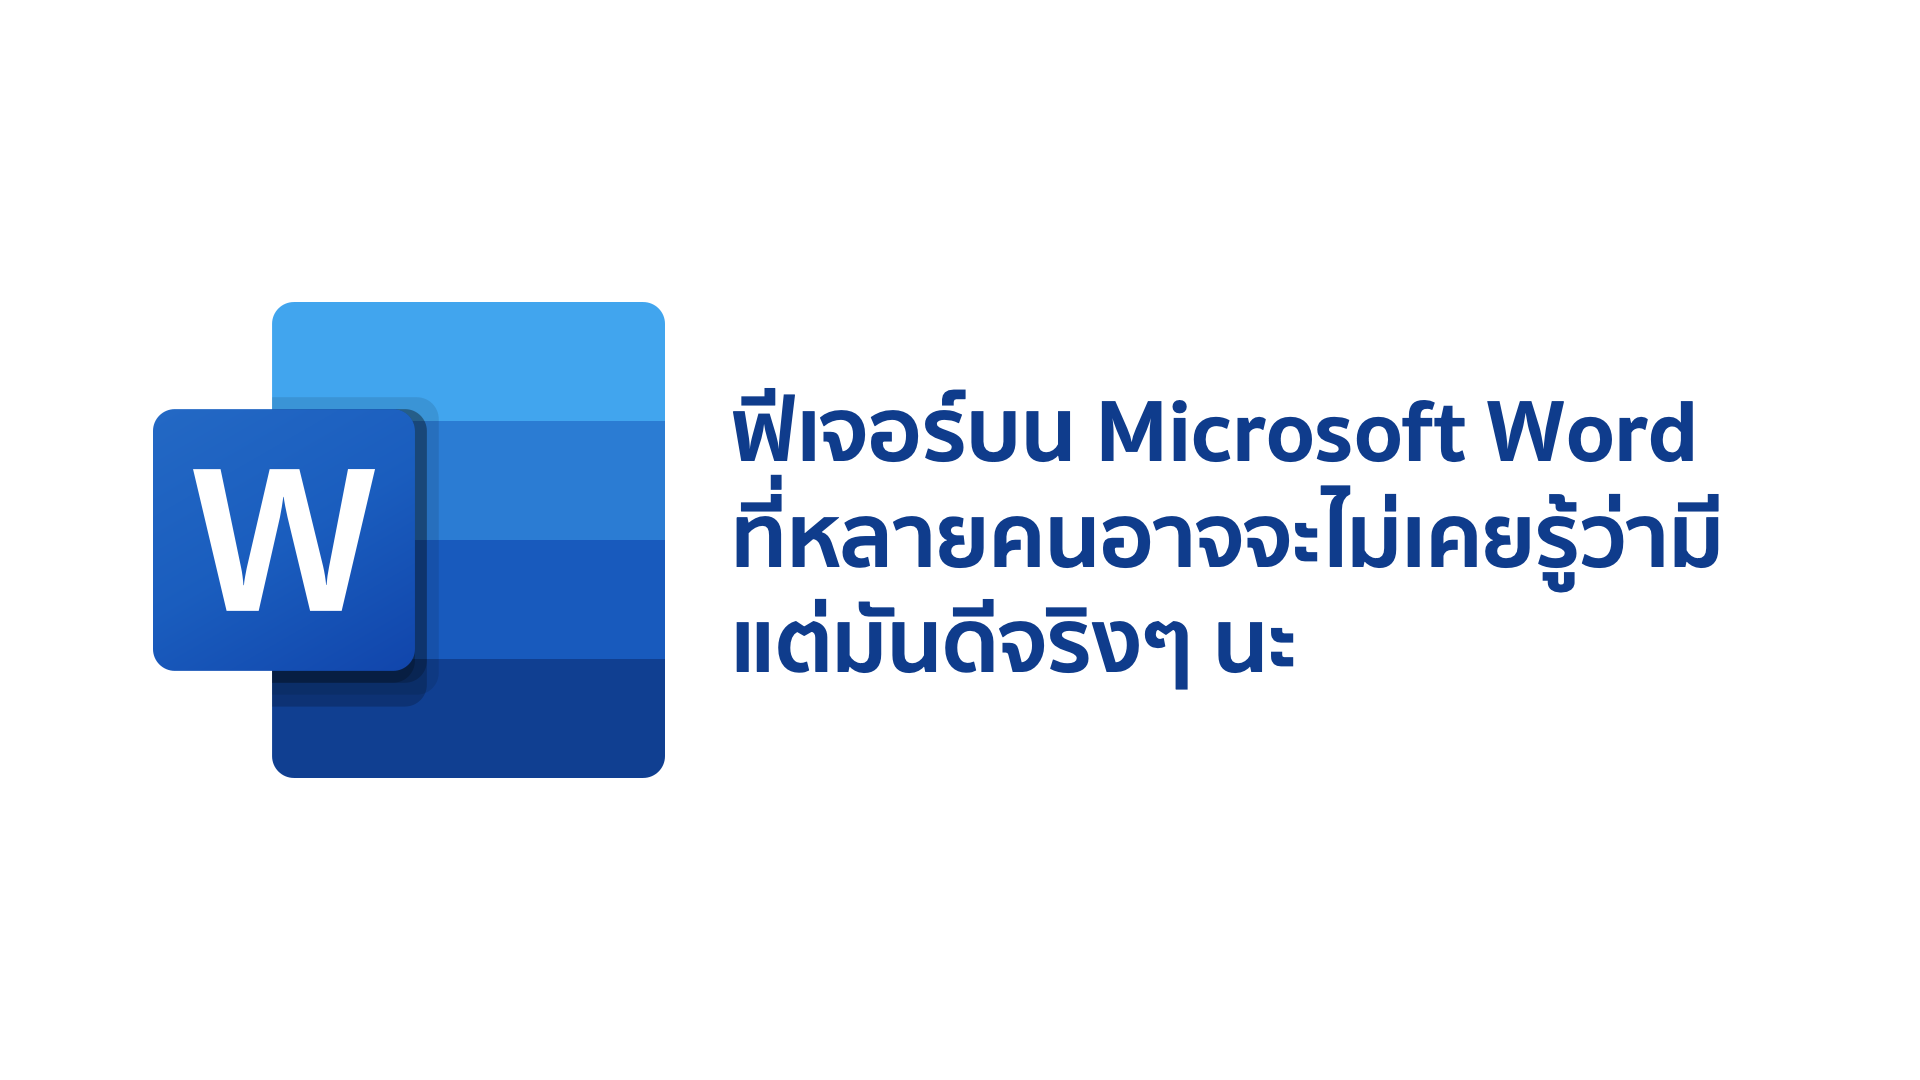 """โลโก้ Microsoft Word 2019 กับข้อความว่า """"ฟีเจอร์บน Microsoft Word ที่หลายคนอาจจะไม่เคยรู้ว่ามี แต่มันดีจริงๆ นะ"""""""